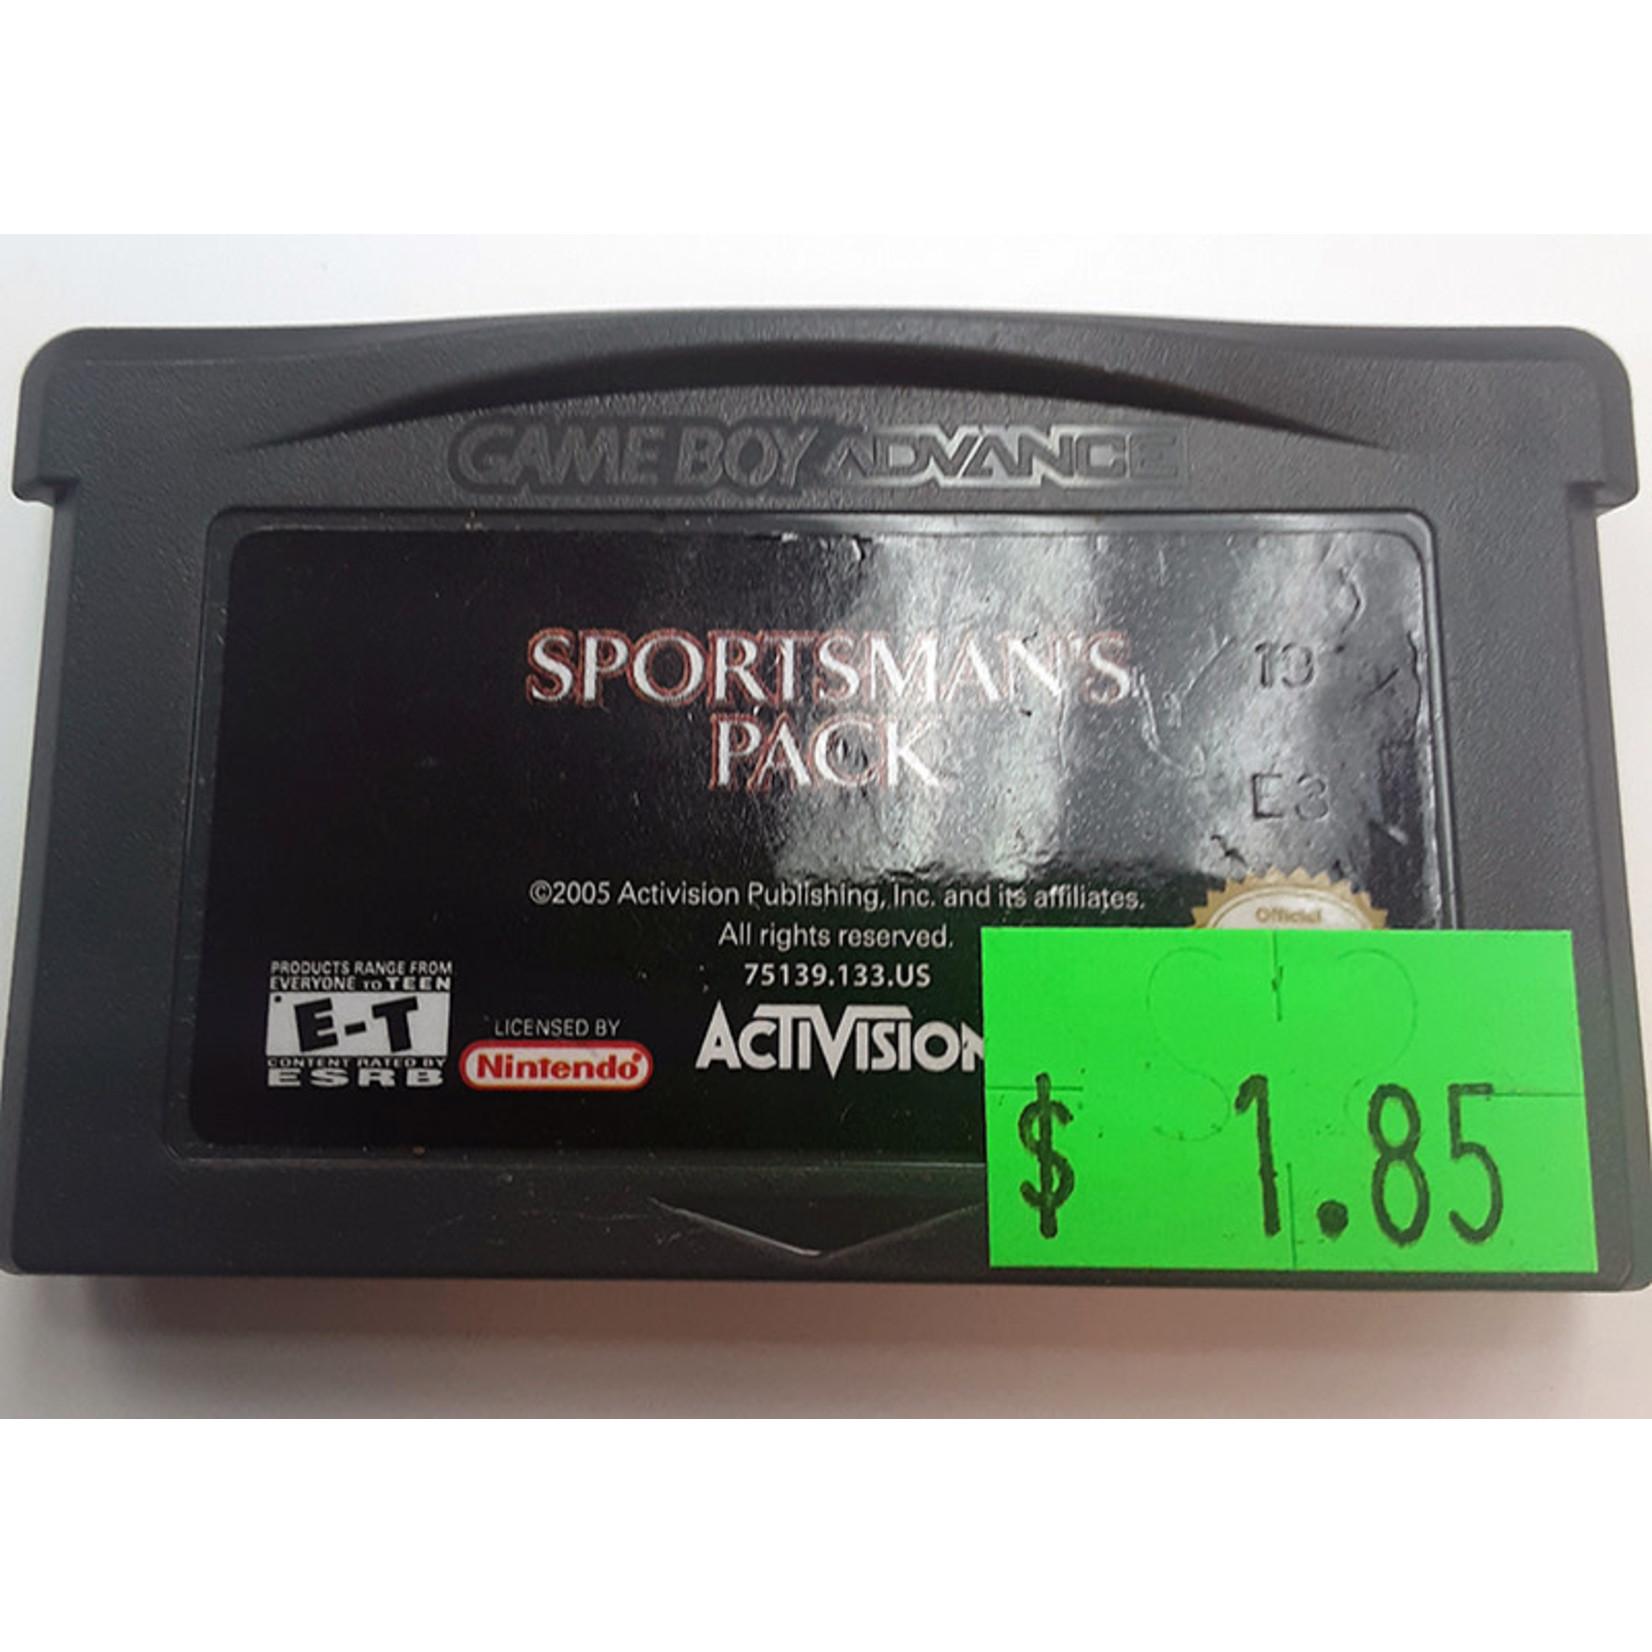 GBAu-Sportsman's Pack (cartridge)